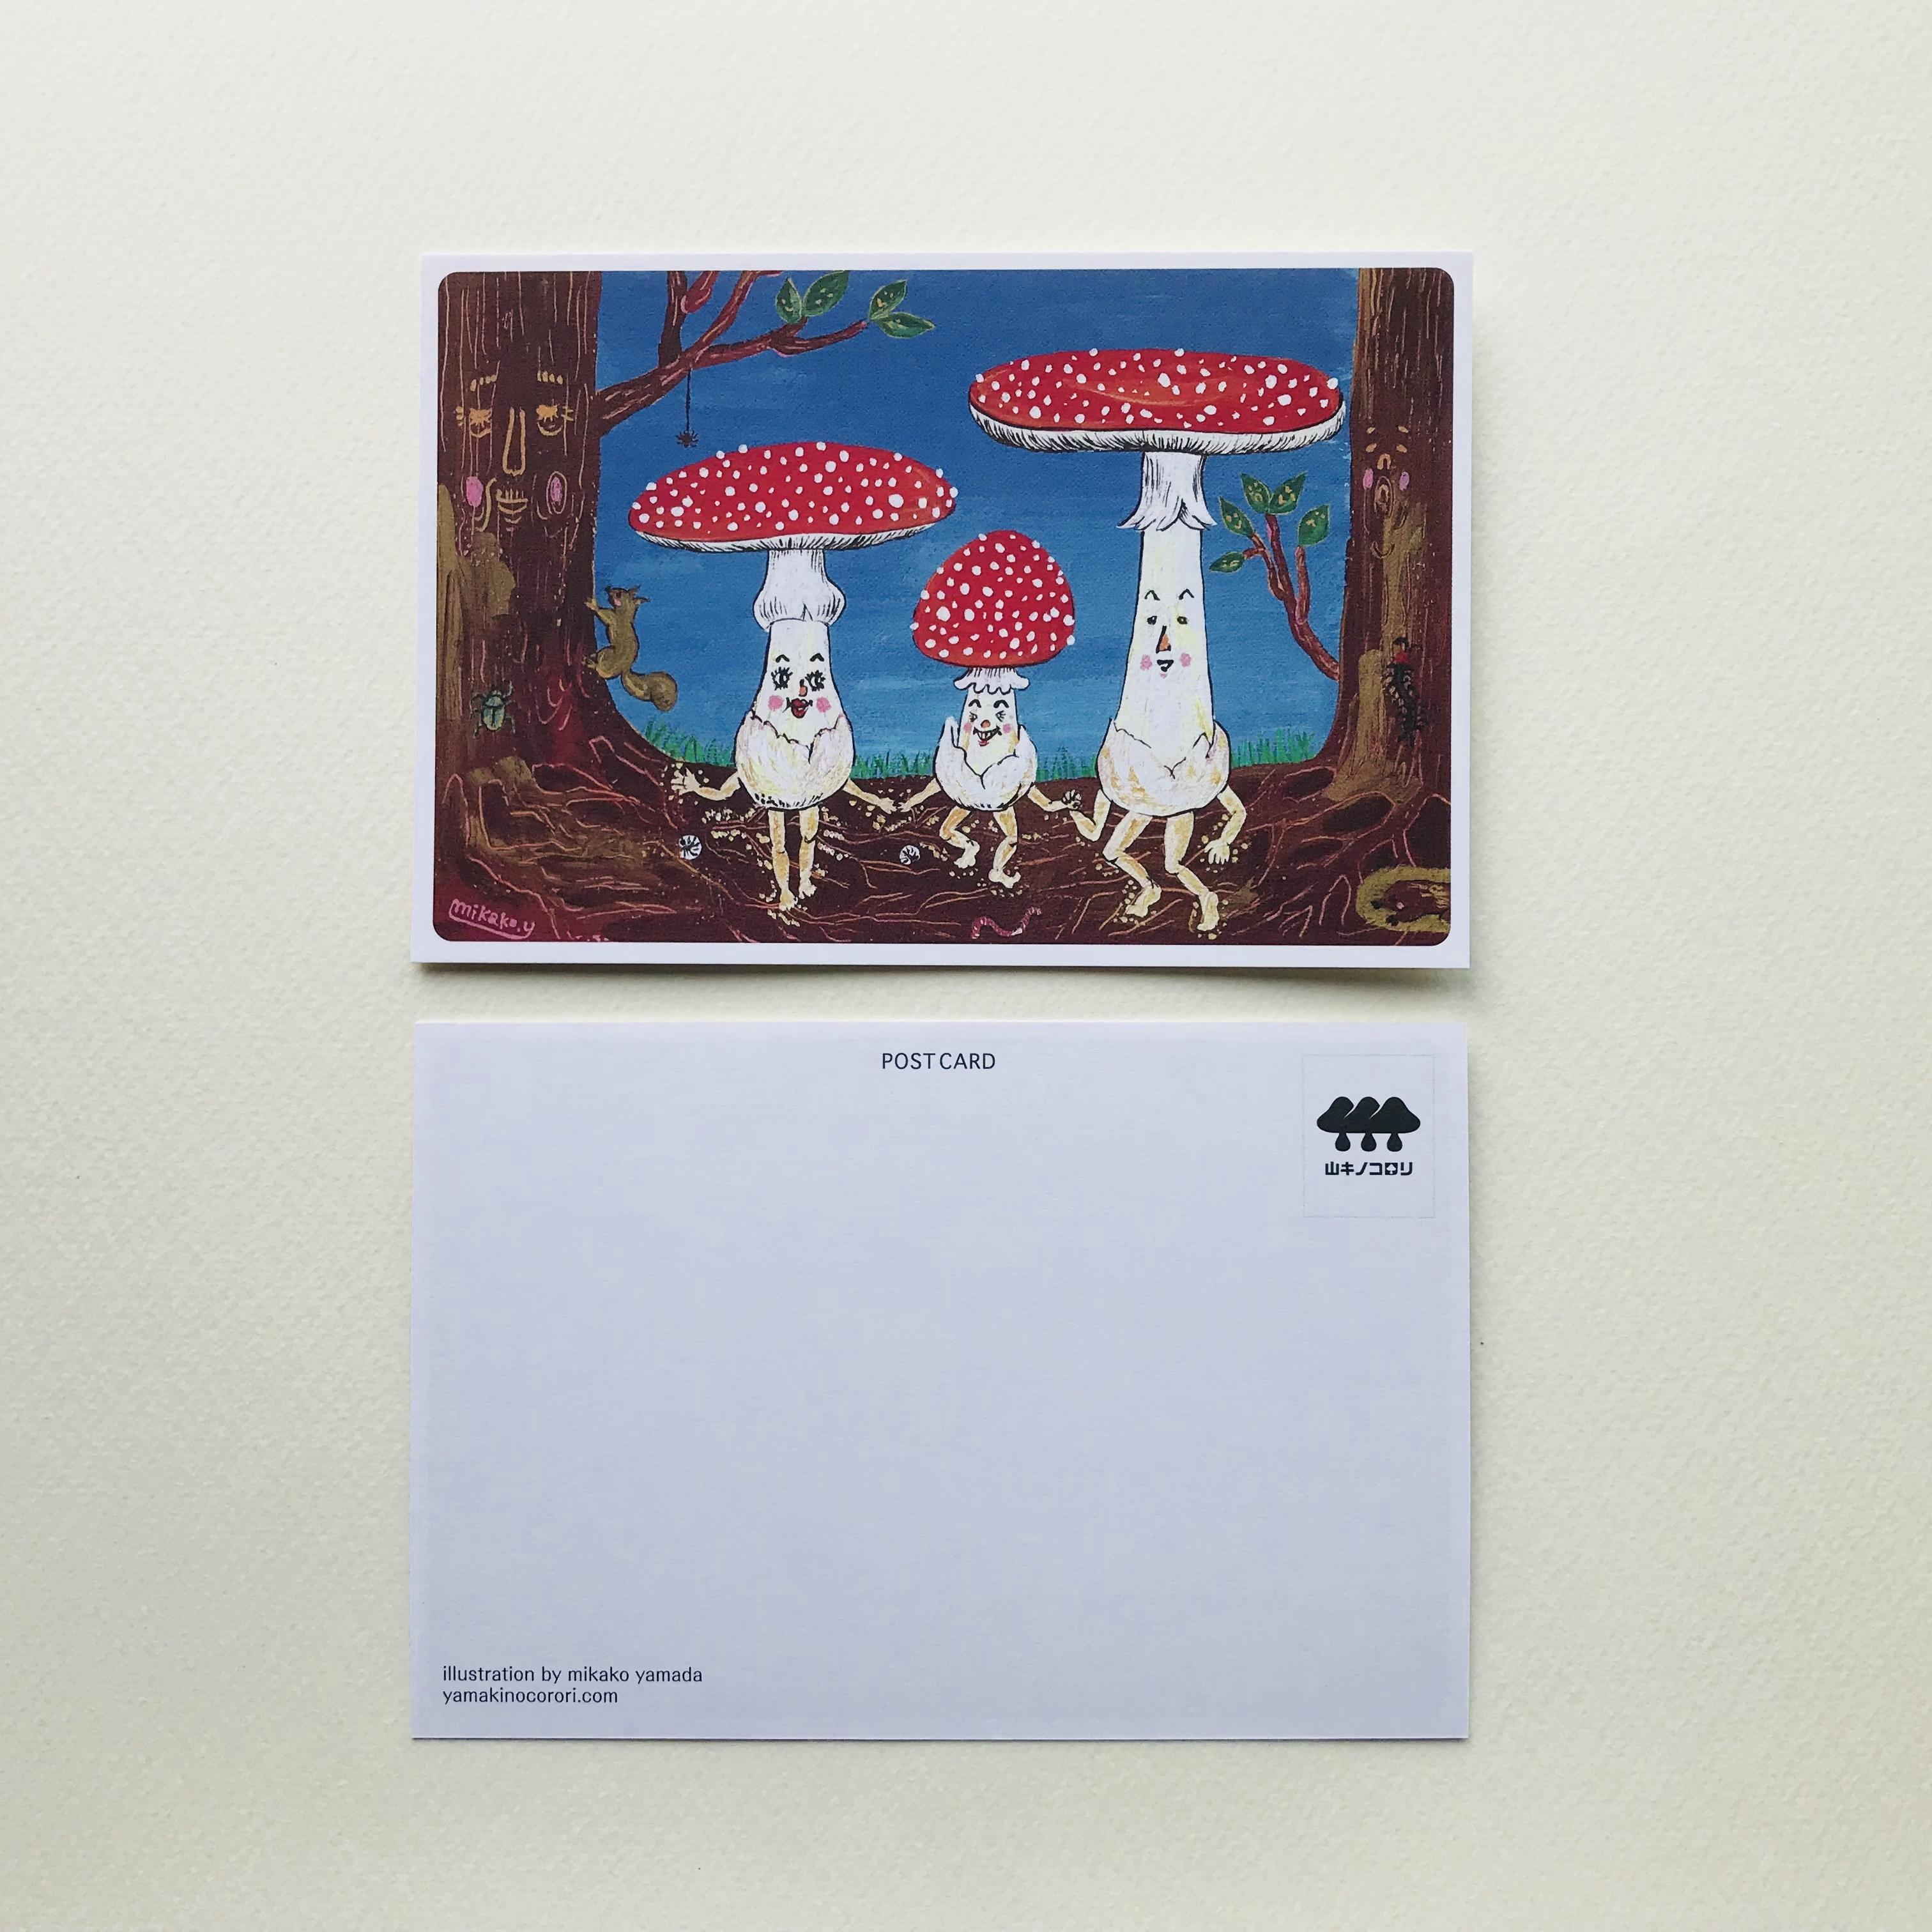 ポストカード『キノコ家族』